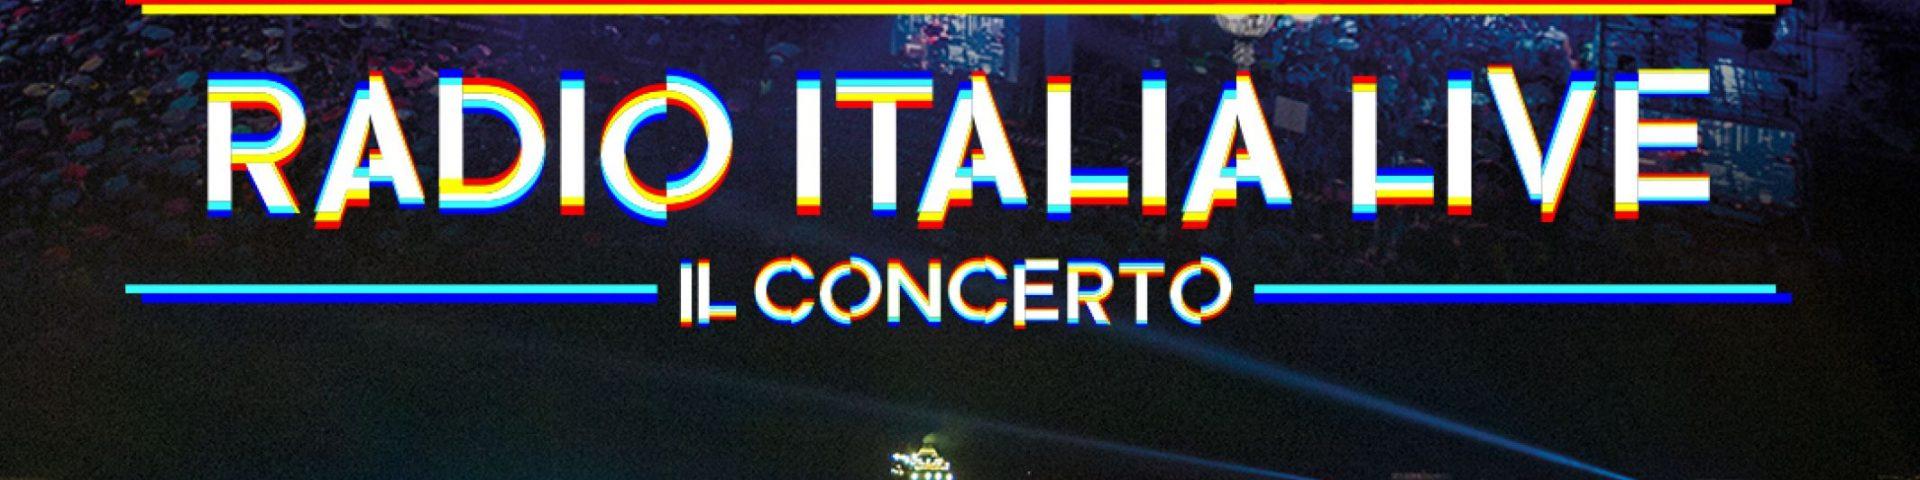 Radio Italia Live 2020 a Palermo rimandato: l'annuncio ufficiale